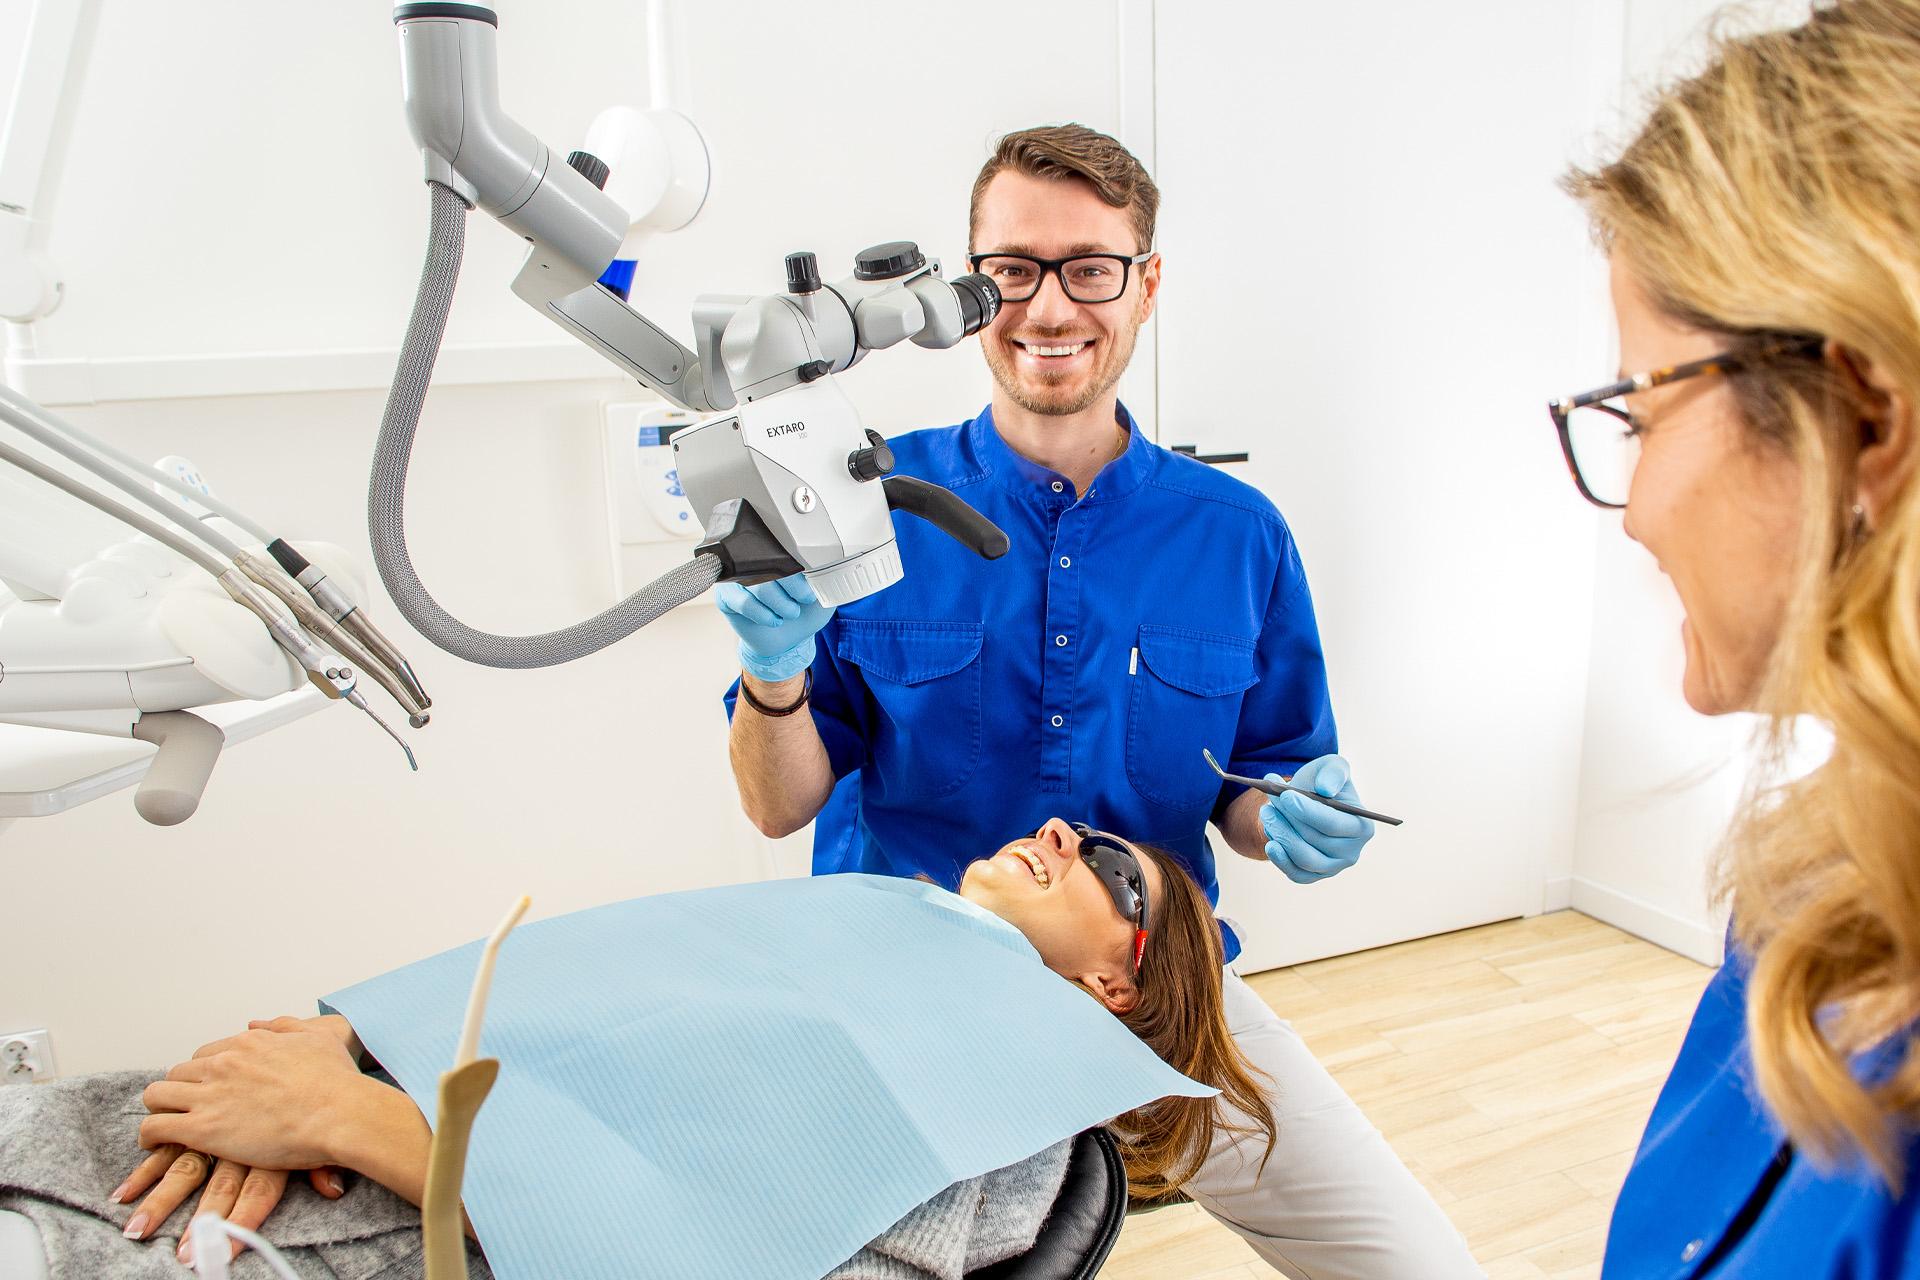 uśmiechnieci stomatolodzy przygotowują się do zabiegu